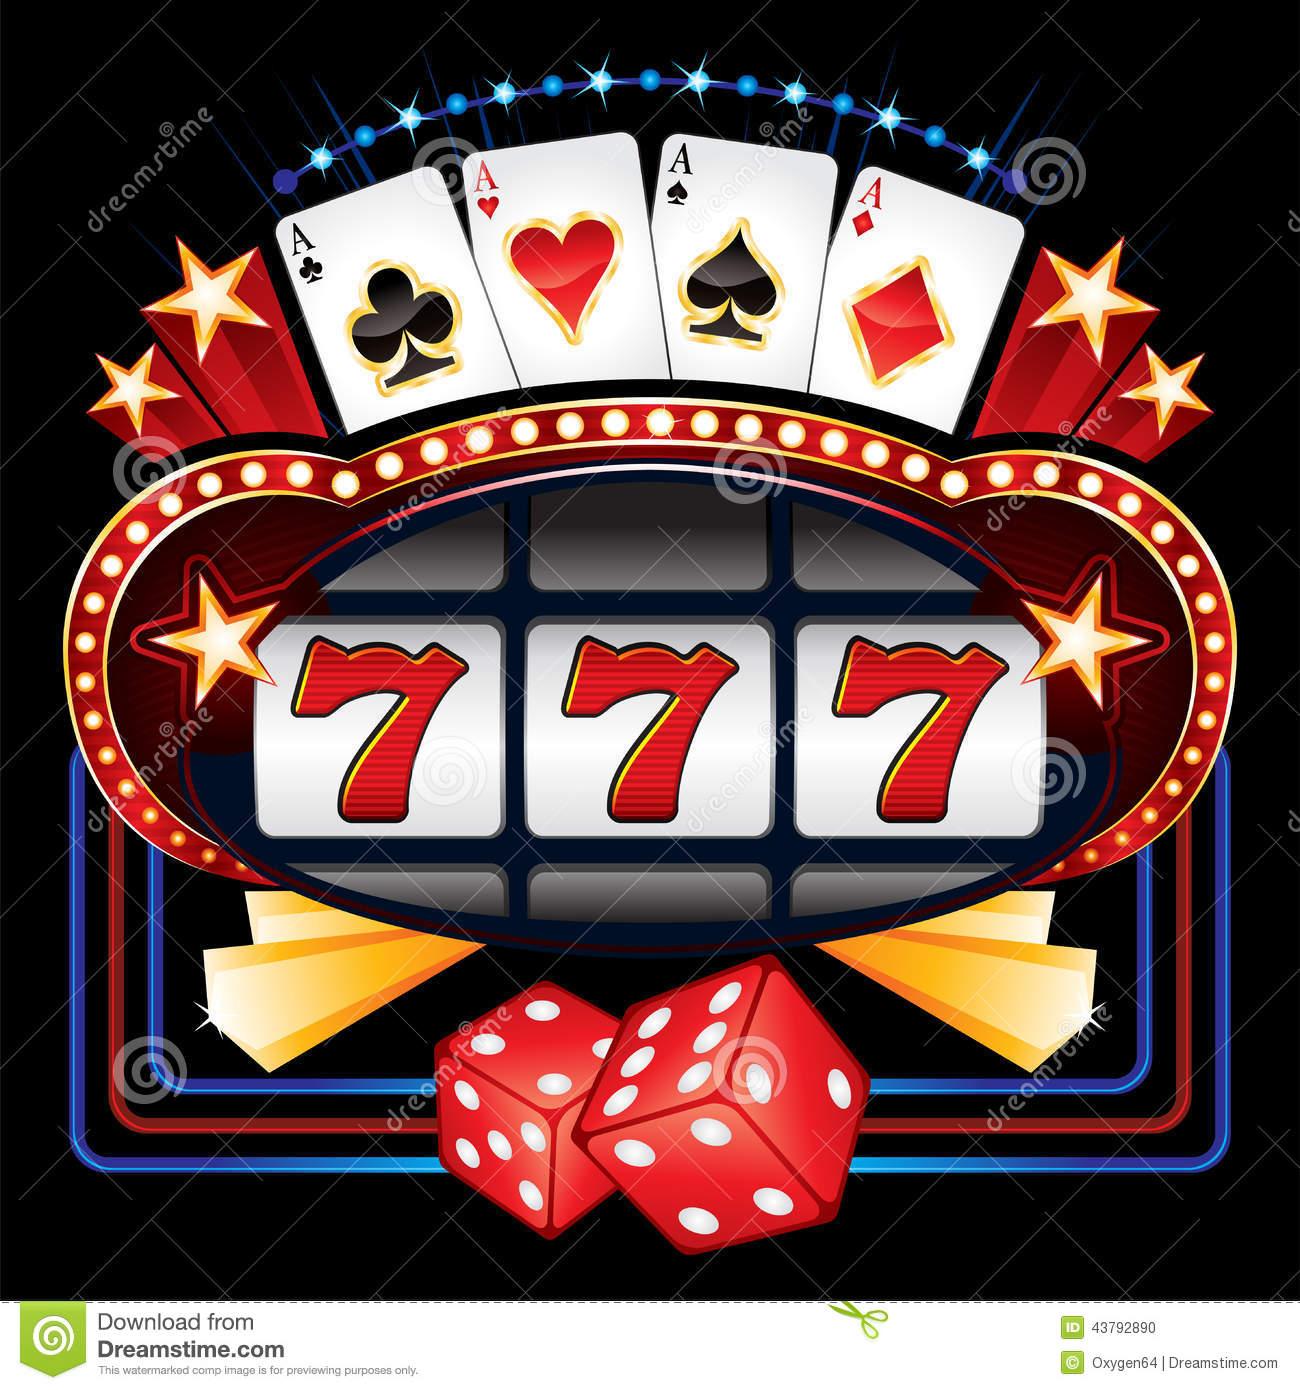 Jeux casino : toujours savoir où l'on mise son argent